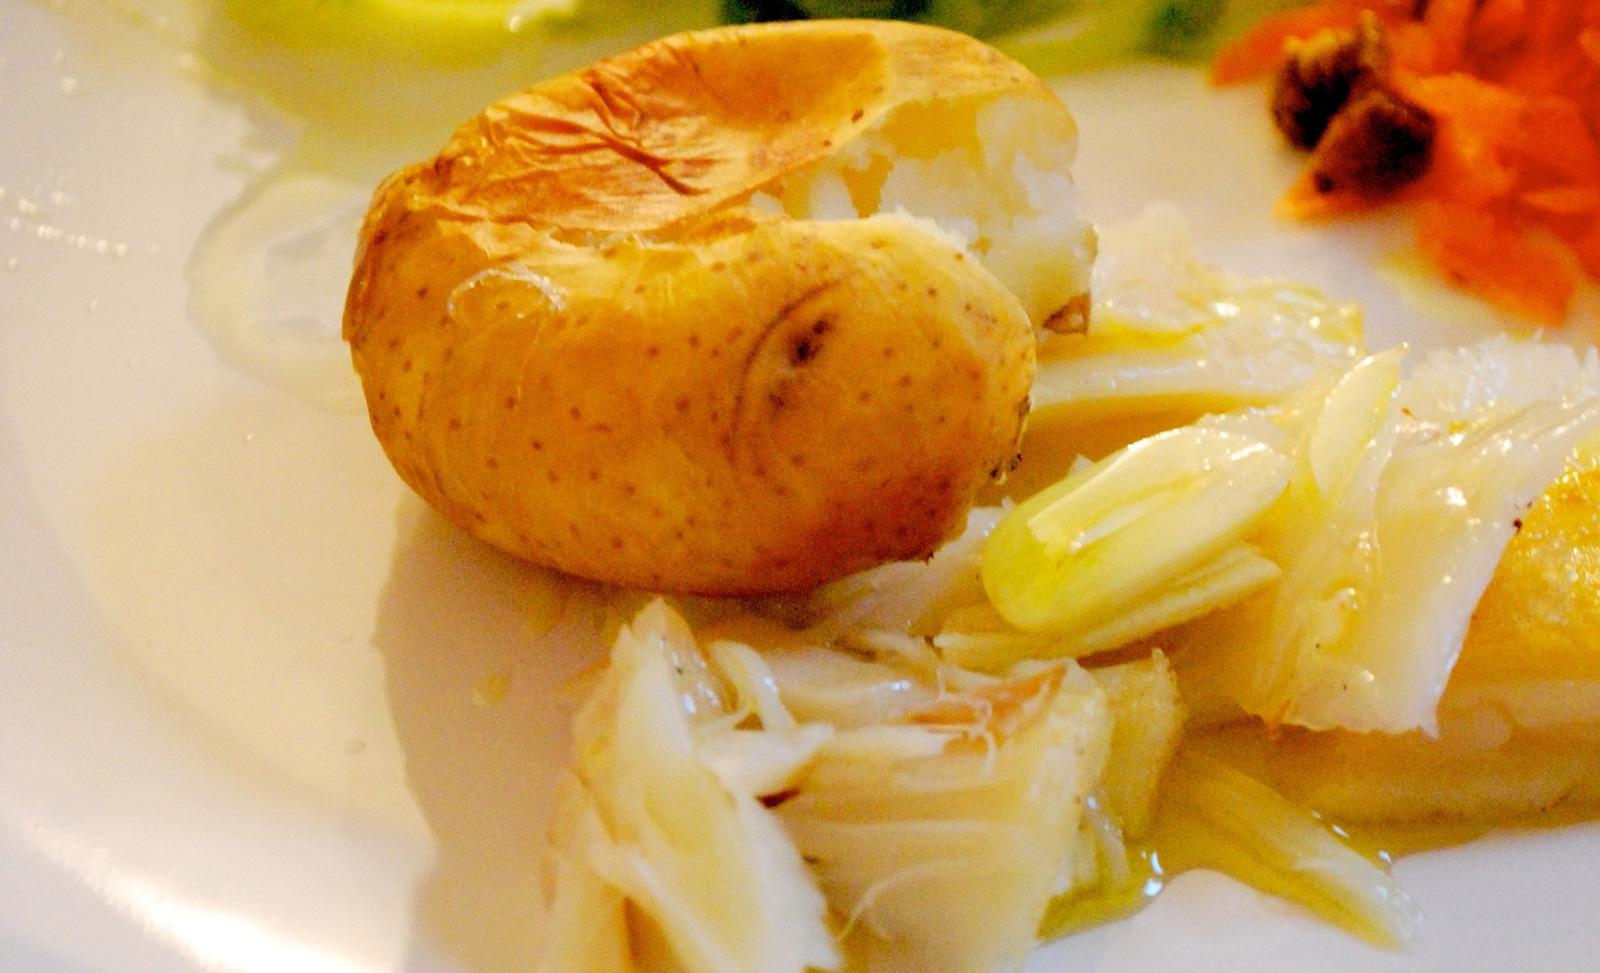 iguaria-bacalhau-assado-com-batata-a-murro